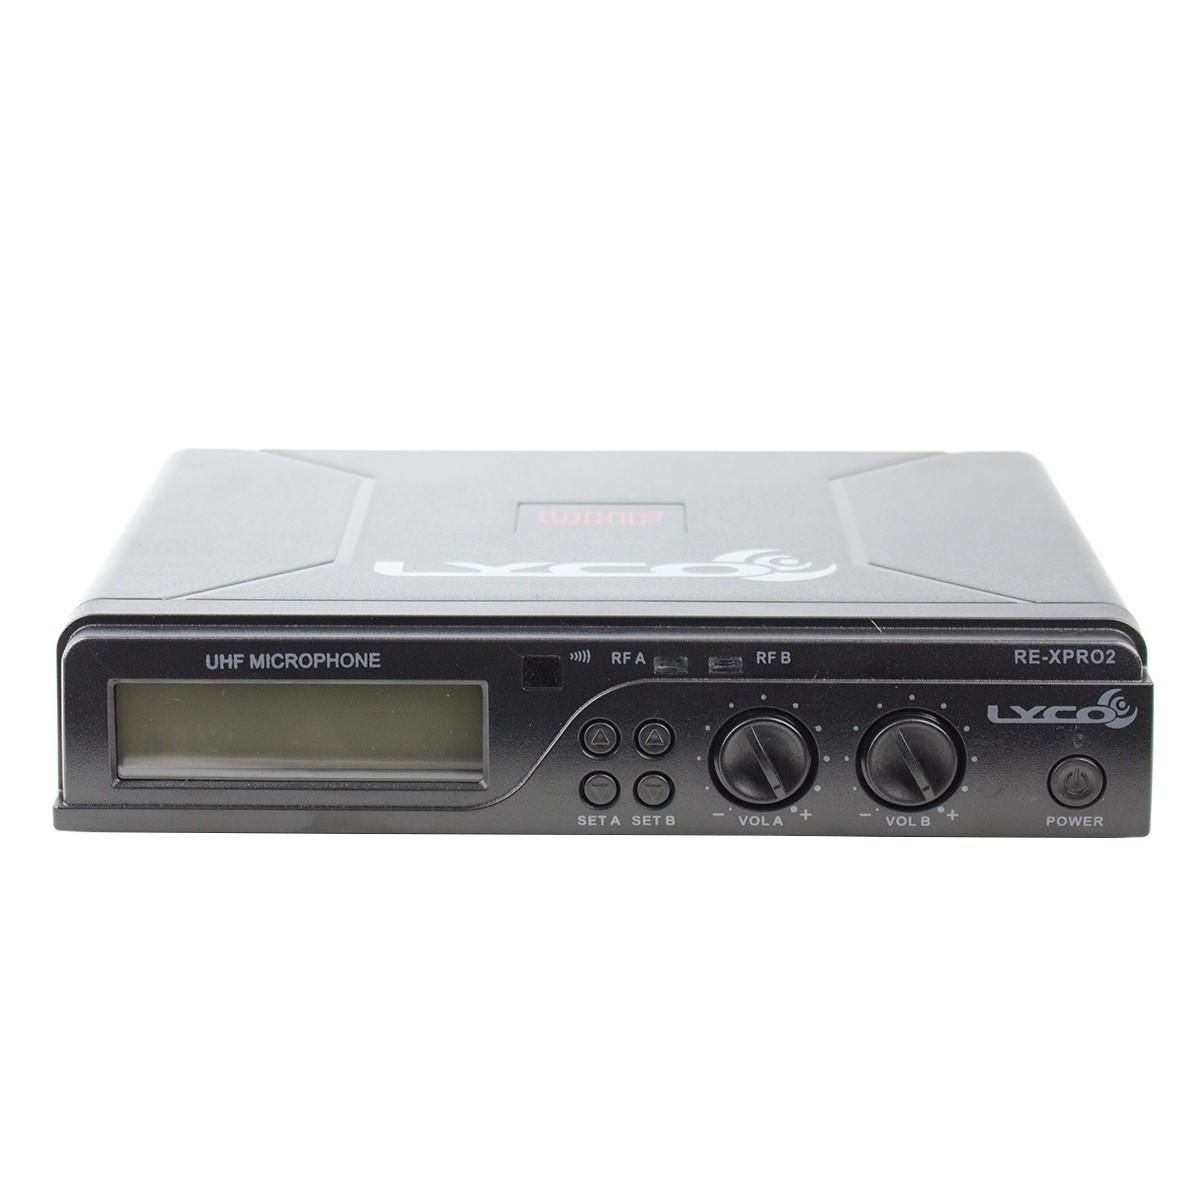 UHXPRO02MM - Microfone s/ Fio de Mão Duplo UHX PRO 02 MM - Lyco